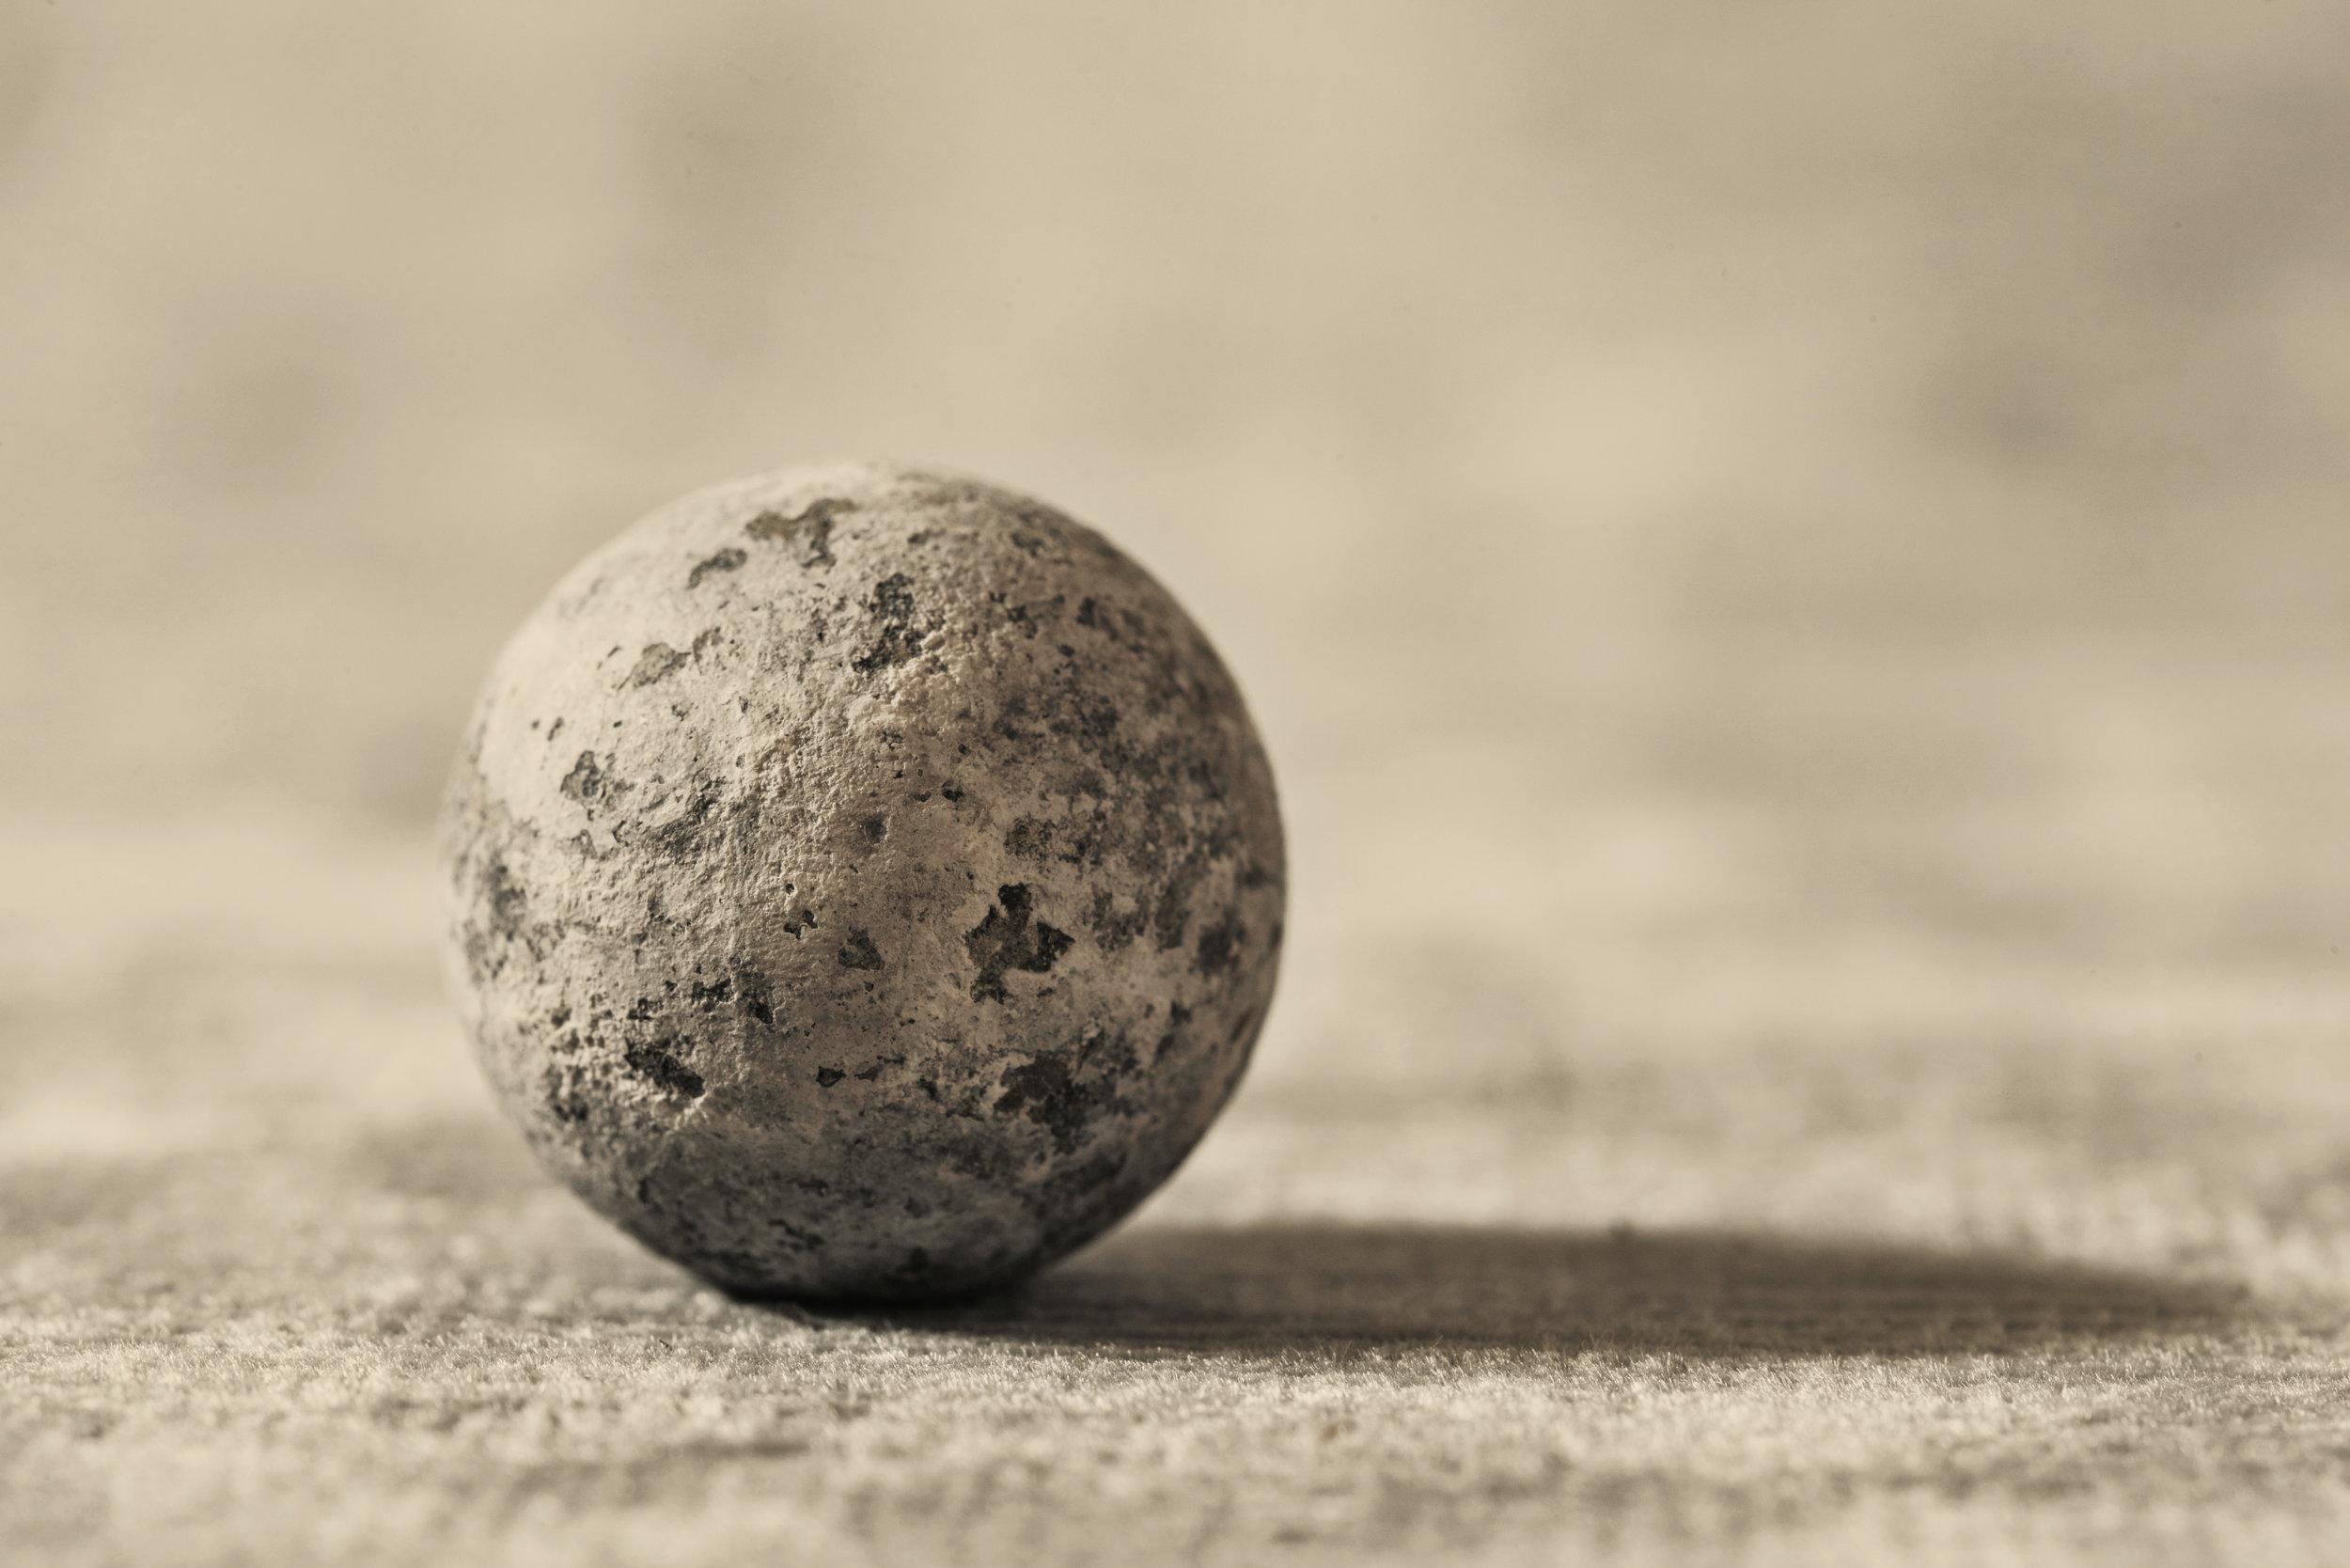 Civil War lead musket ball